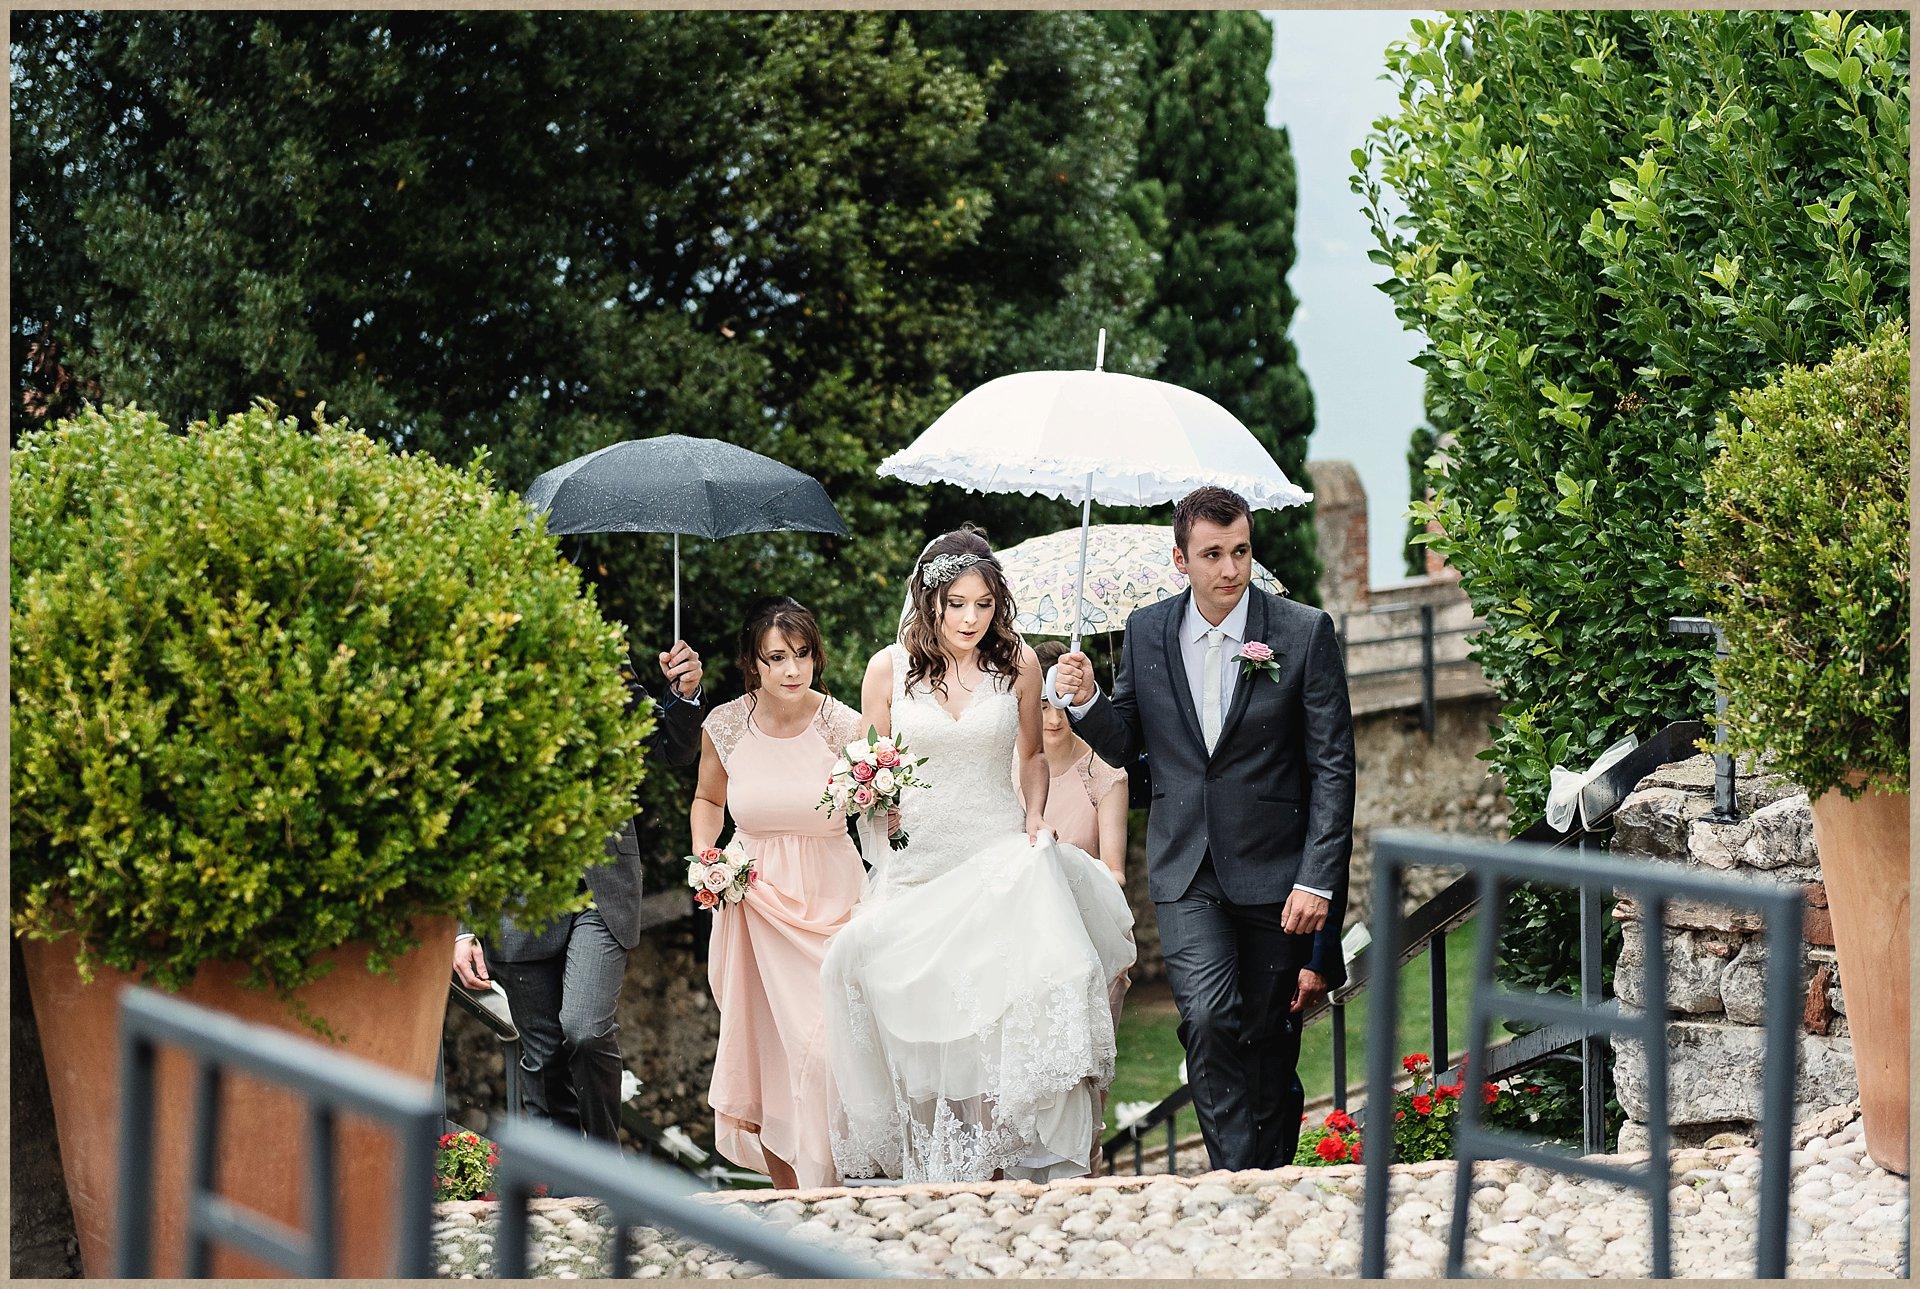 malcesine castle bridal party arrives